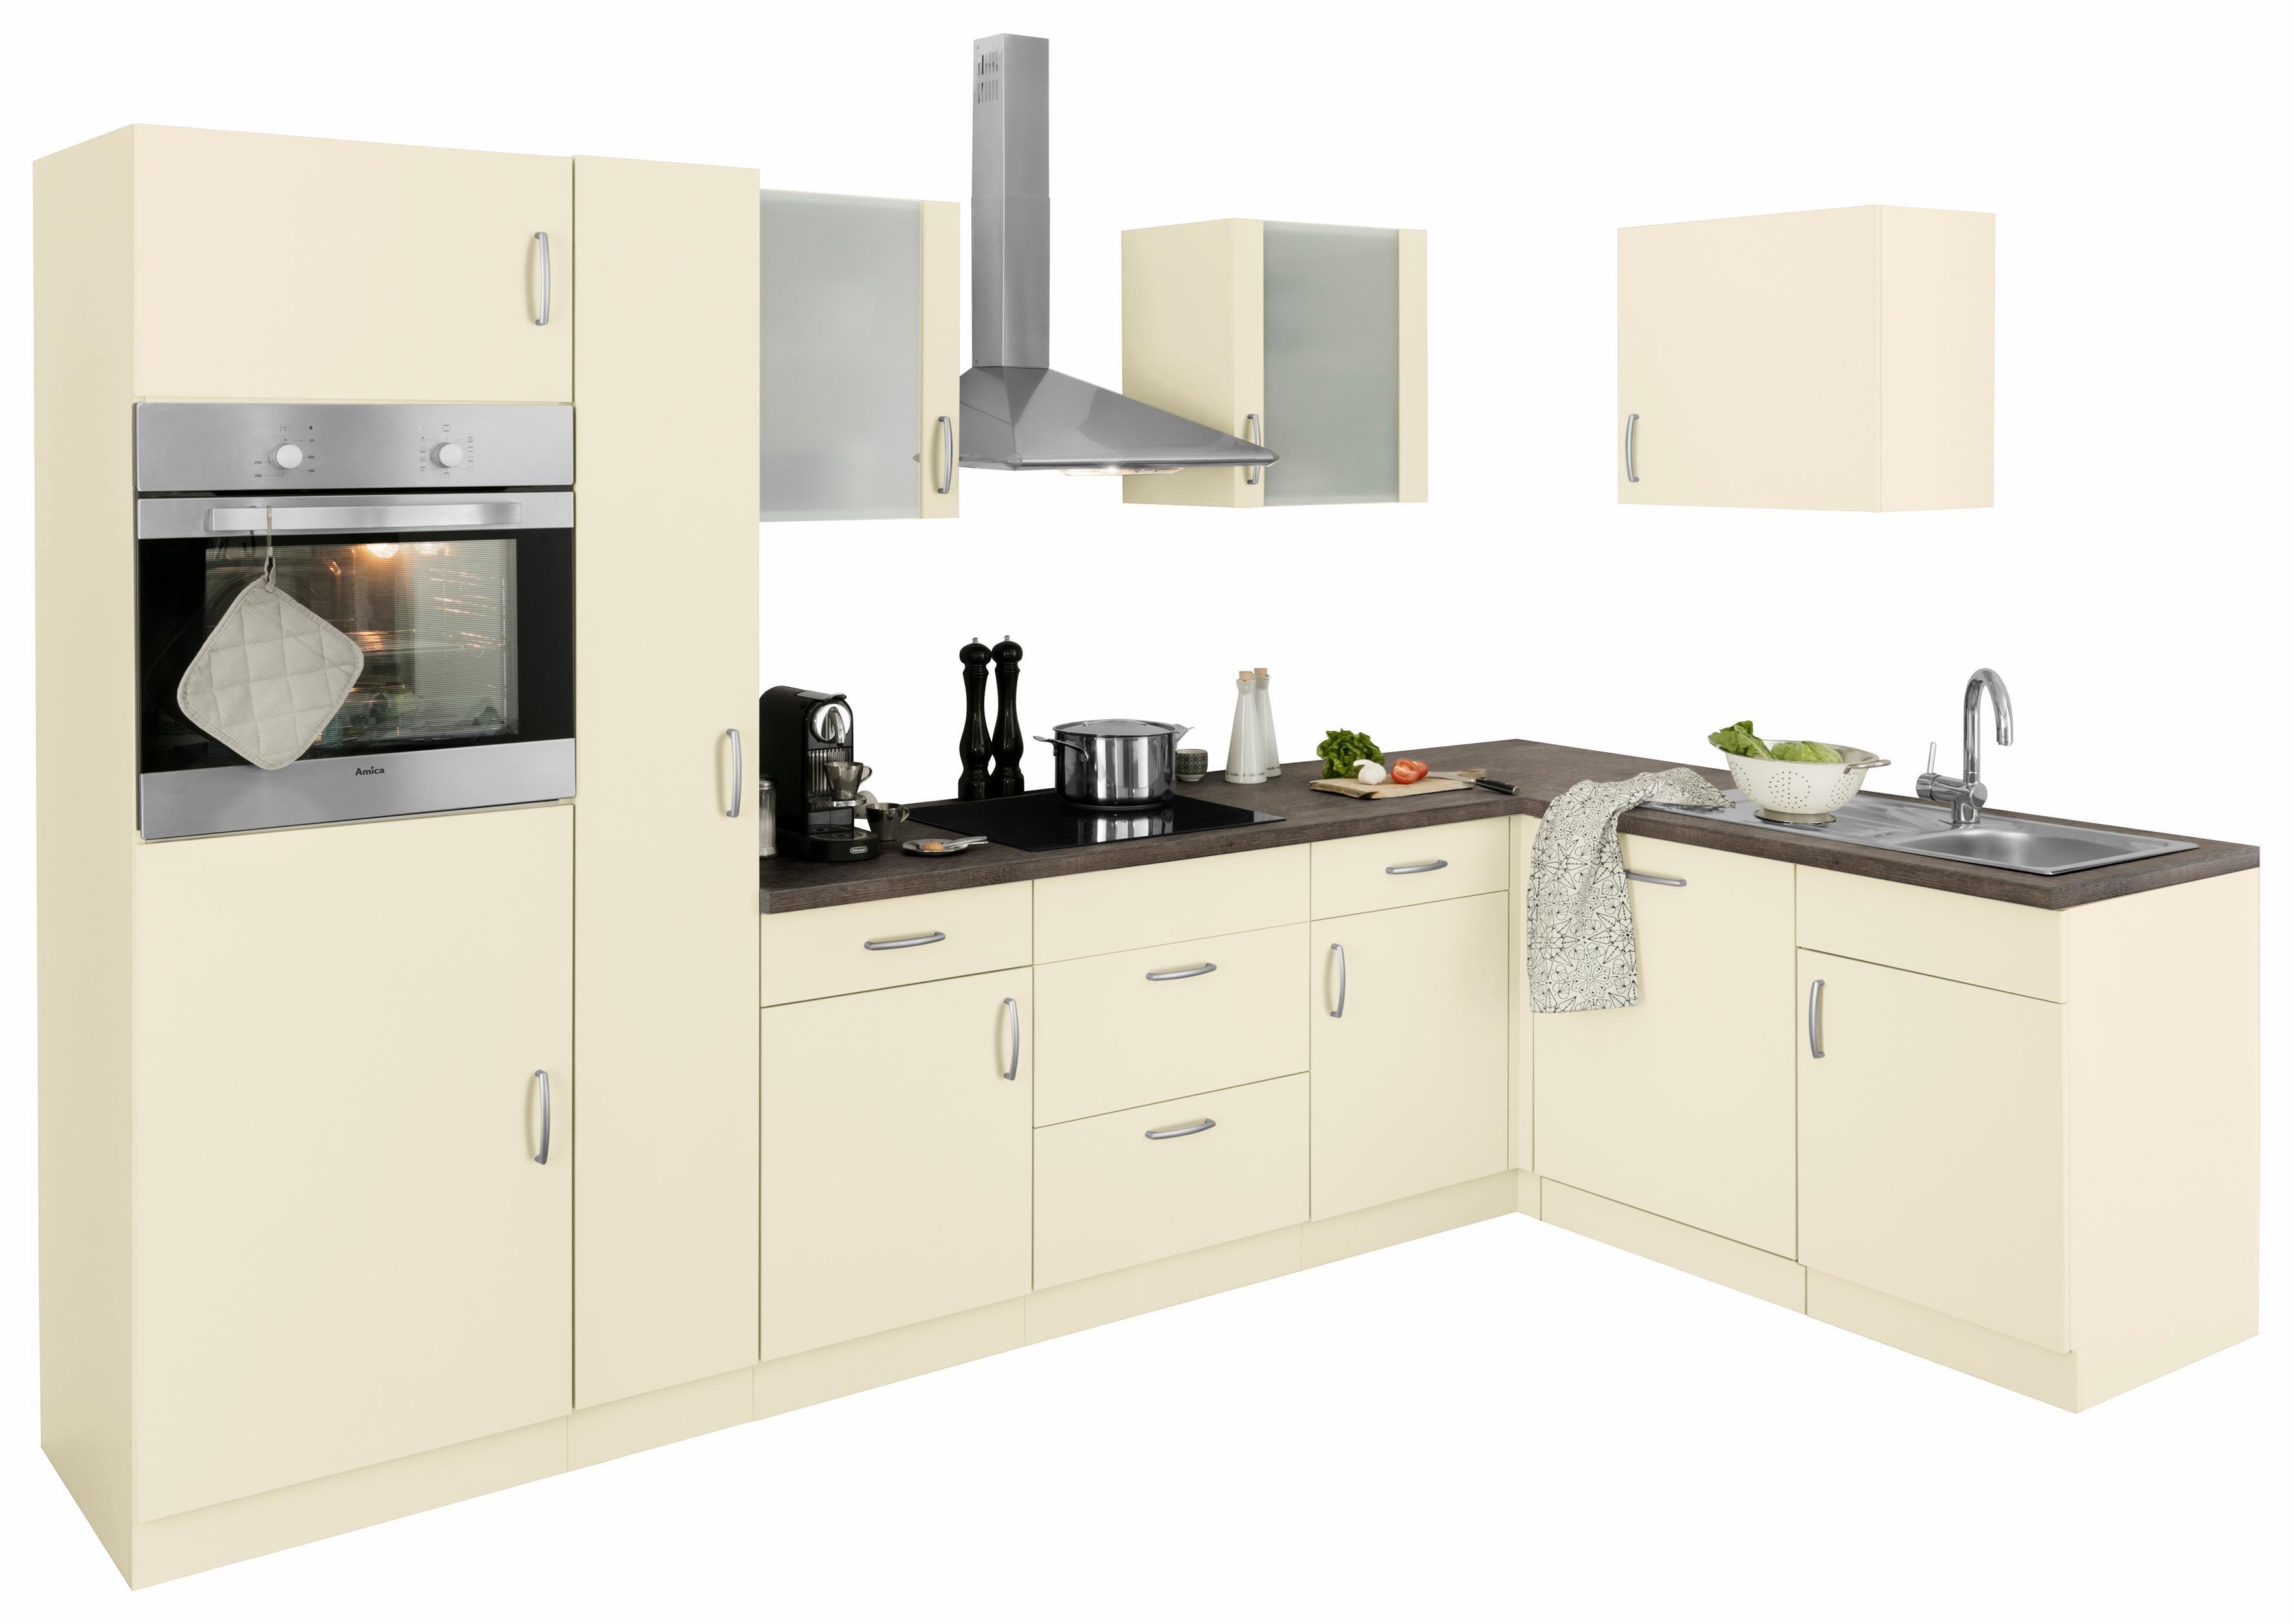 Winkelküche ´´Brüssel´´ mit E-Geräten, Stellbreite 310 x 170 cm | Küche und Esszimmer > Küchen > Winkelküchen | Weiß | Beton - Edelstahl | wiho Küchen